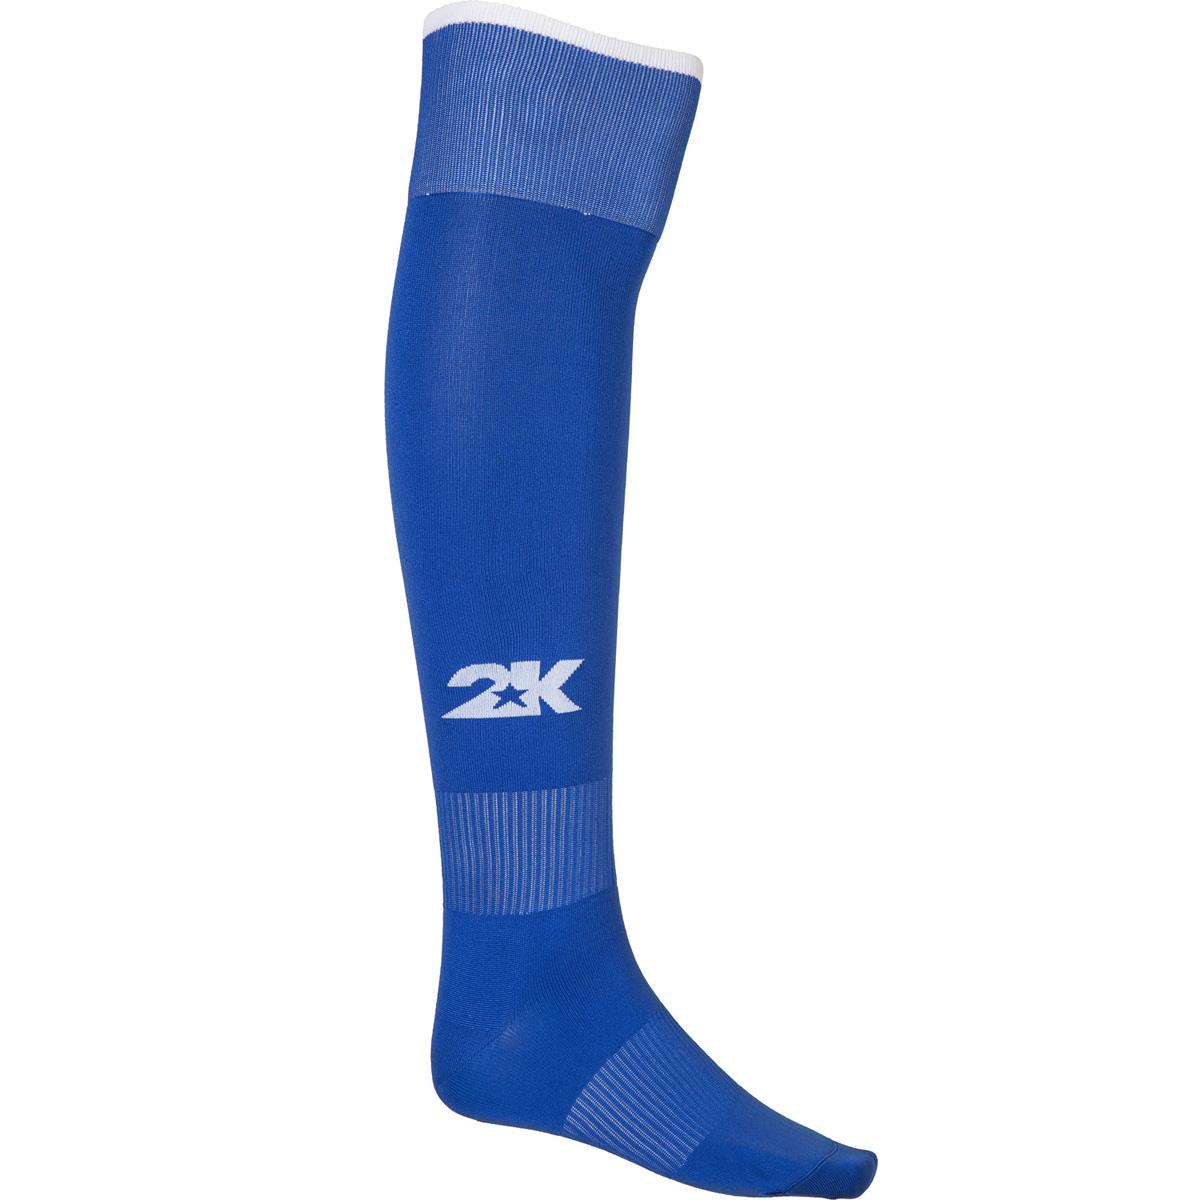 Гетры футбольные 2K Sport Classic, цвет: синий, белый. 120334. Размер 36/40120334_royal/whiteКлассические футбольные гетры выполнены из высококачественного материала. Оформлены логотипом бренда.